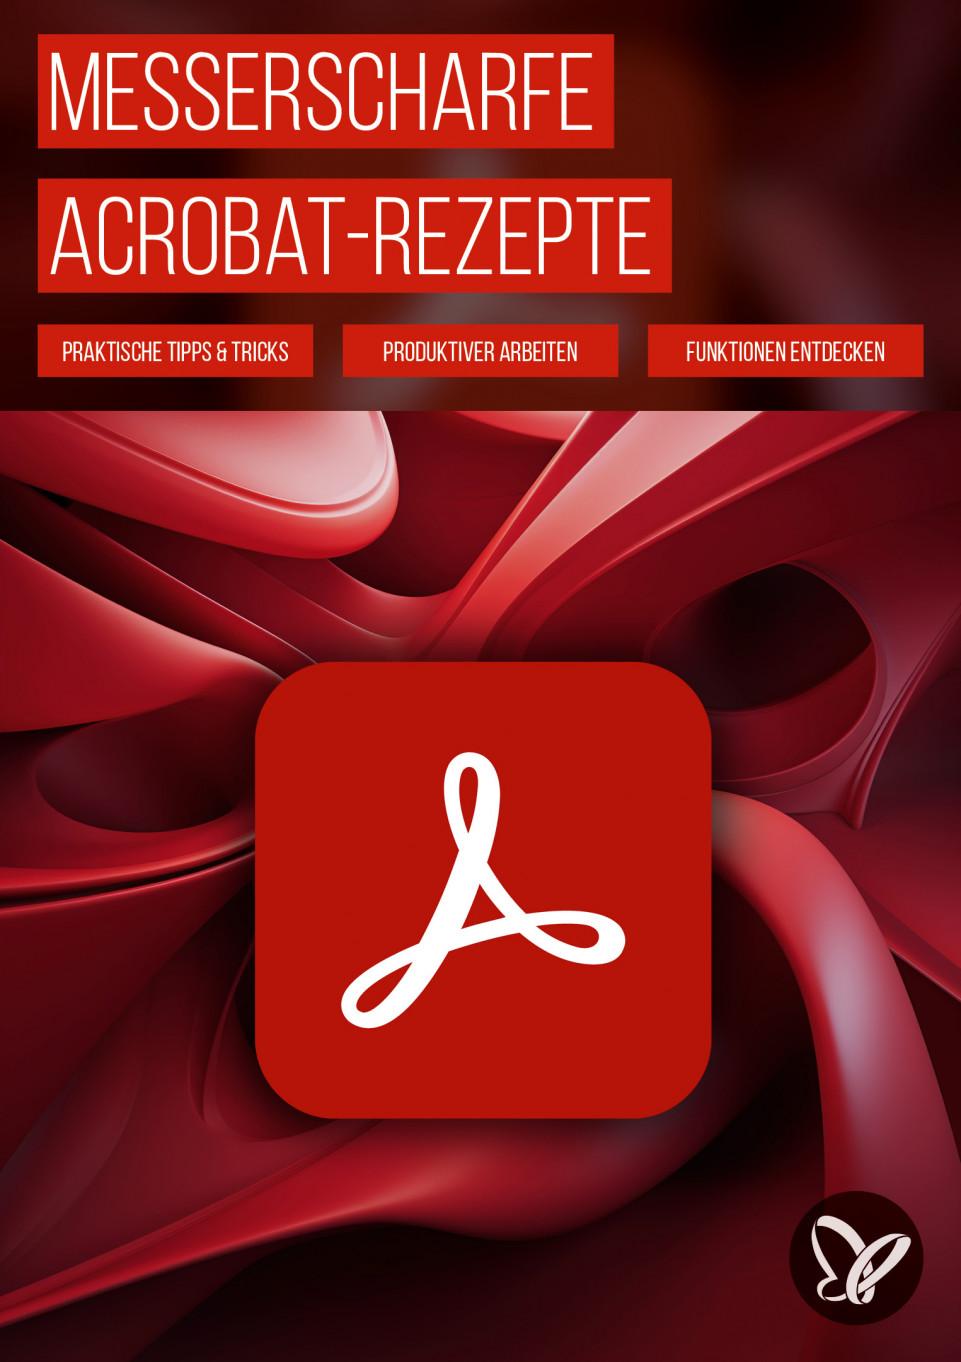 Messerscharfe Acrobat-Rezepte